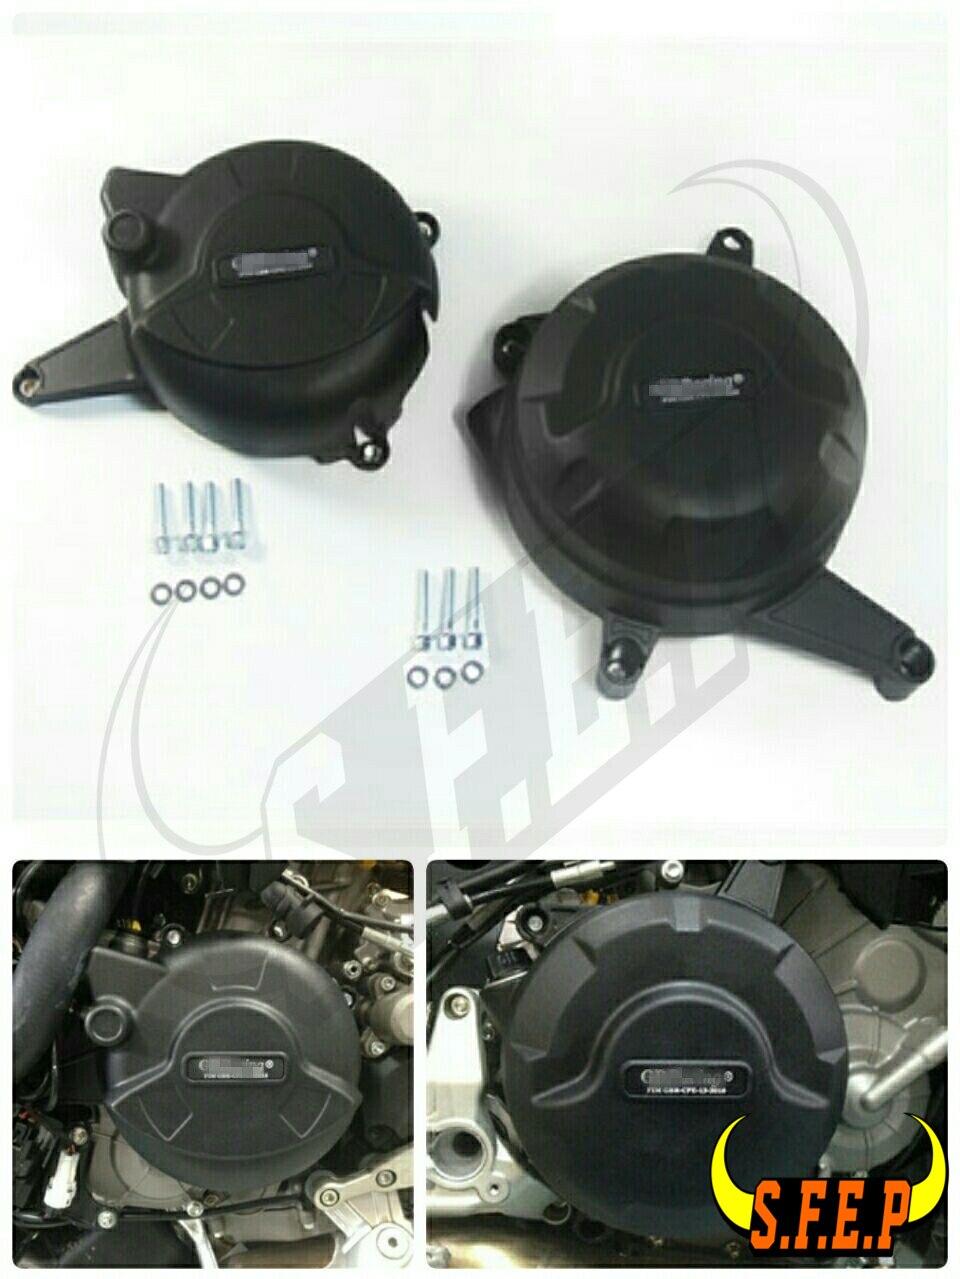 オートバイエンジンケースガードプロテクターカバーギガバイト用ドゥカティ 899 パニガーレ 2014 2015 黒  グループ上の 自動車 &バイク からの エンジン ボンネット の中 1